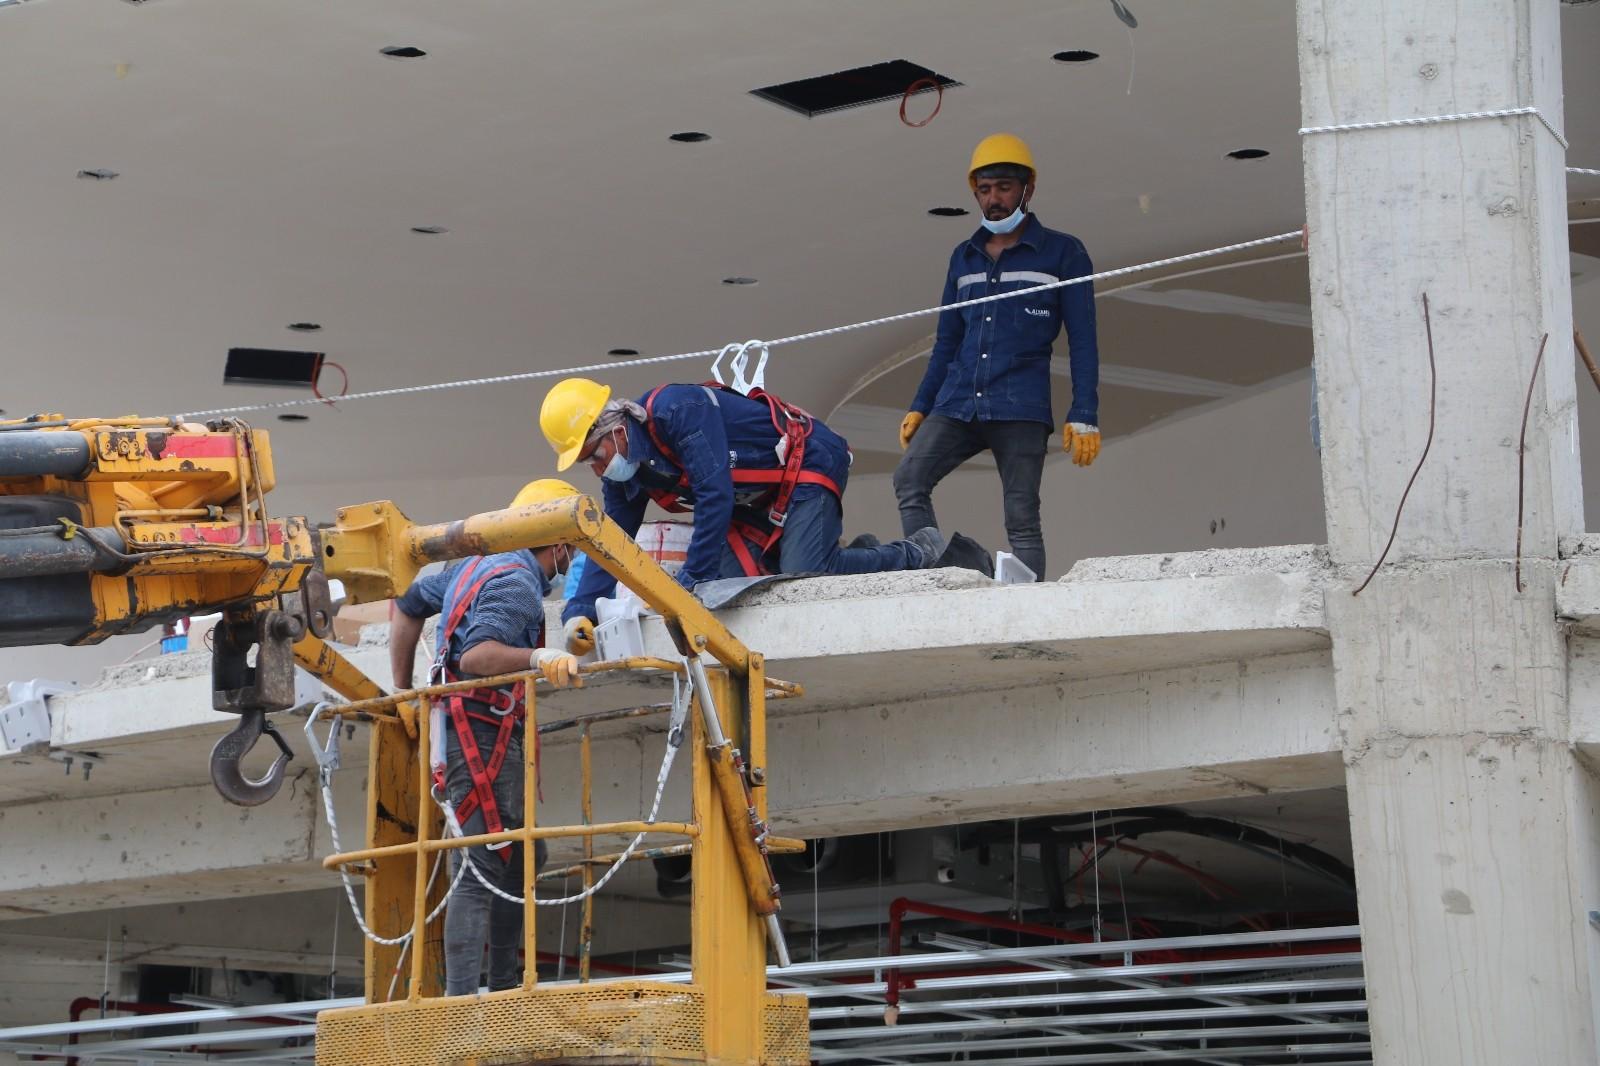 Dünyanın en büyük çay bardağı inşaatında çalışan işçiler bir rekora imza atmanın gururunu yaşıyor